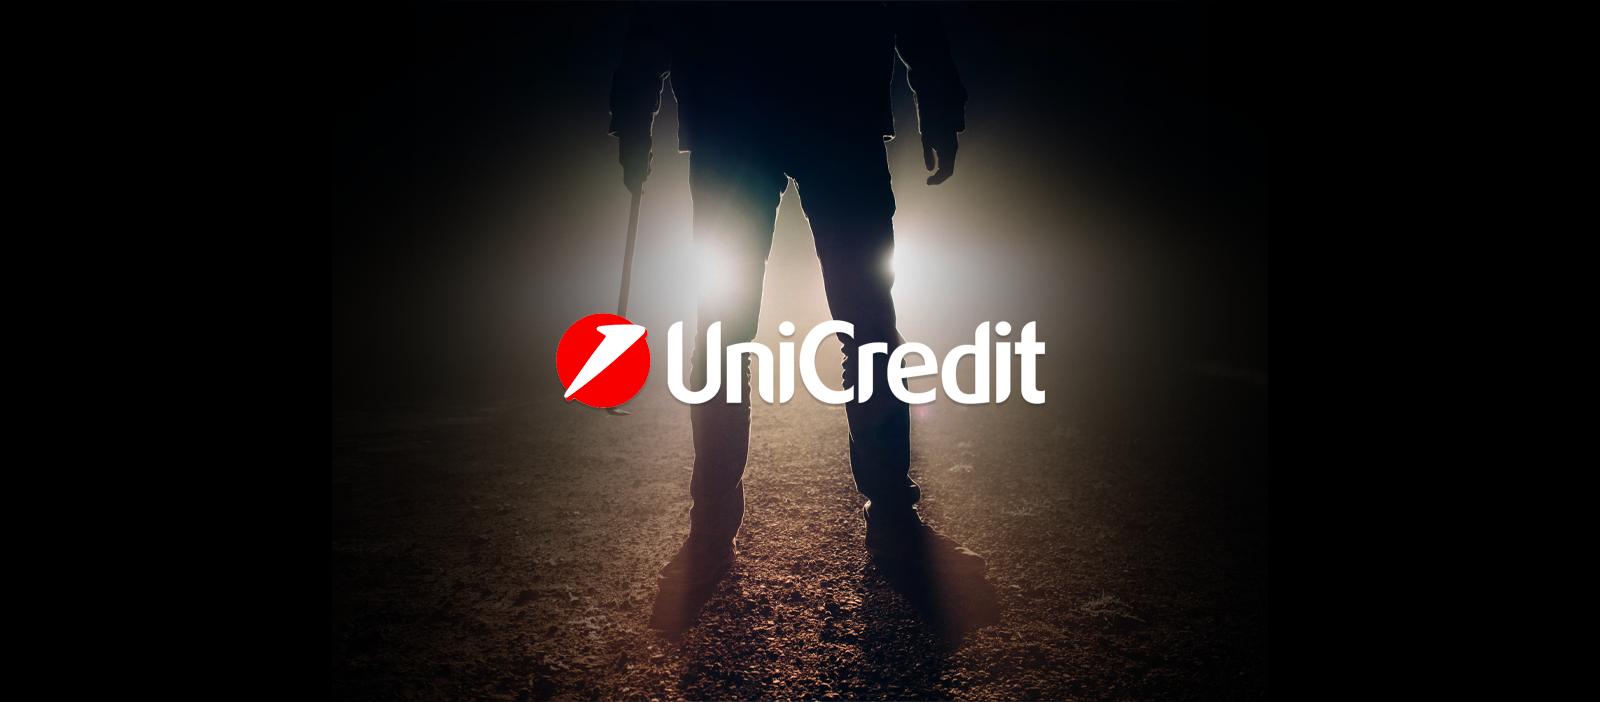 Perché Unicredit che abbandona i social è un esempio da seguire